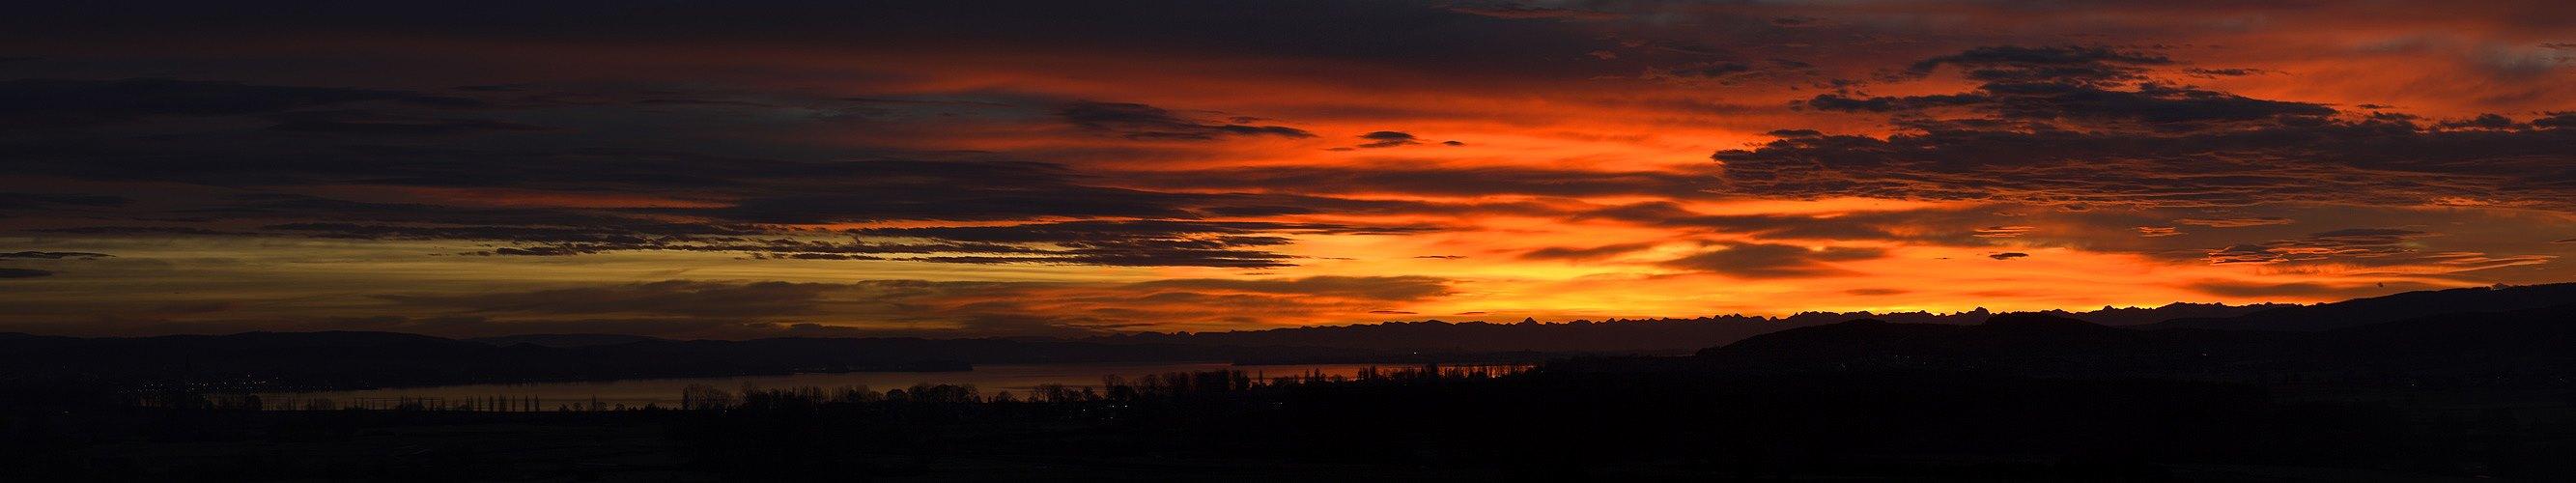 Sonnenaufgang über dem Untersee